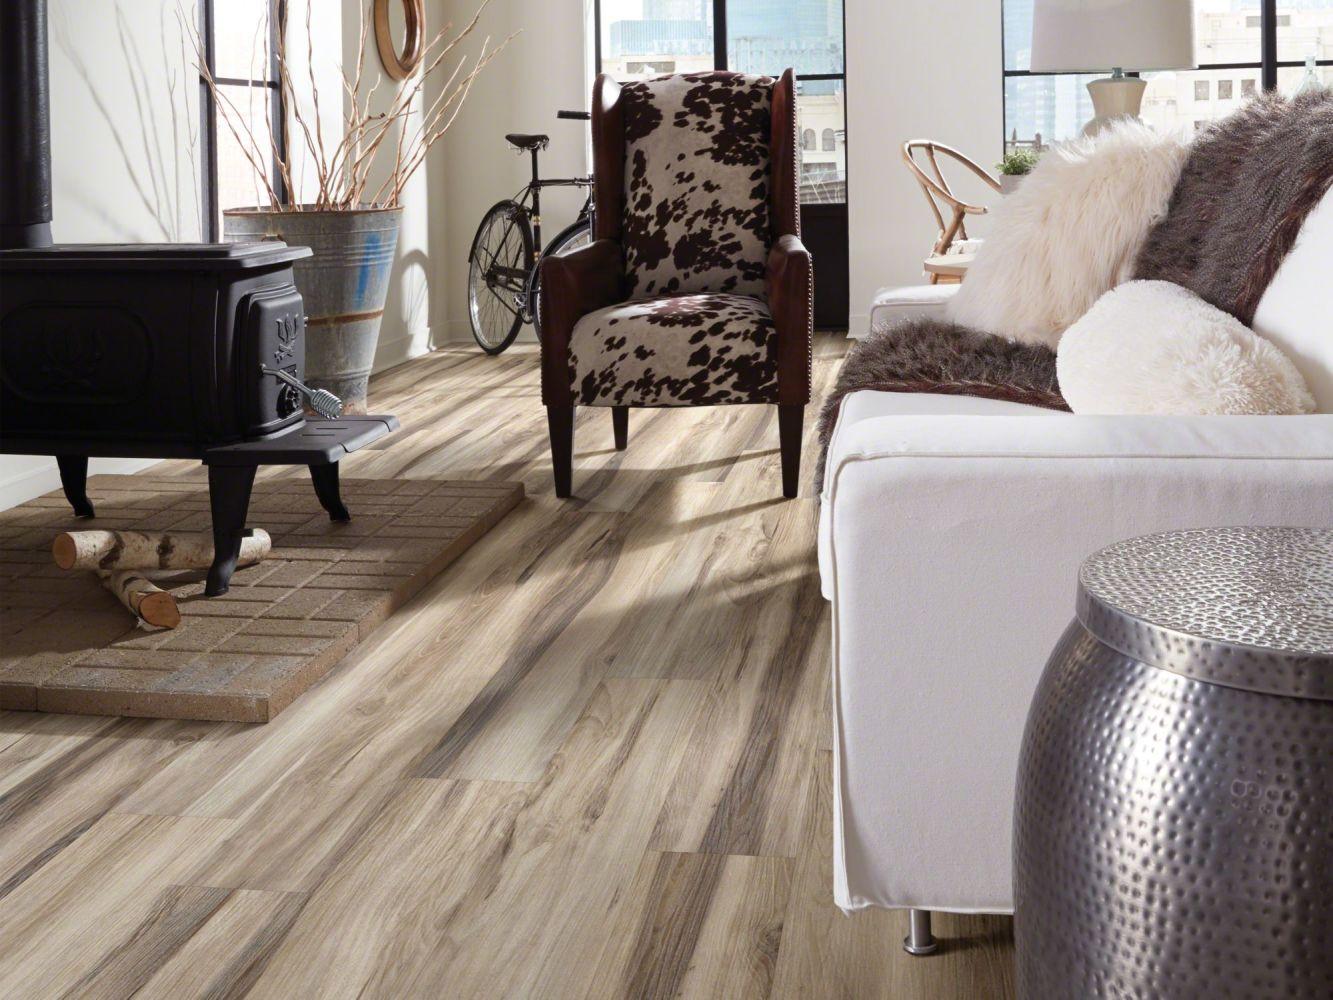 Shaw Floors Dr Horton Arabesque Pla + Noce 00526_DR013